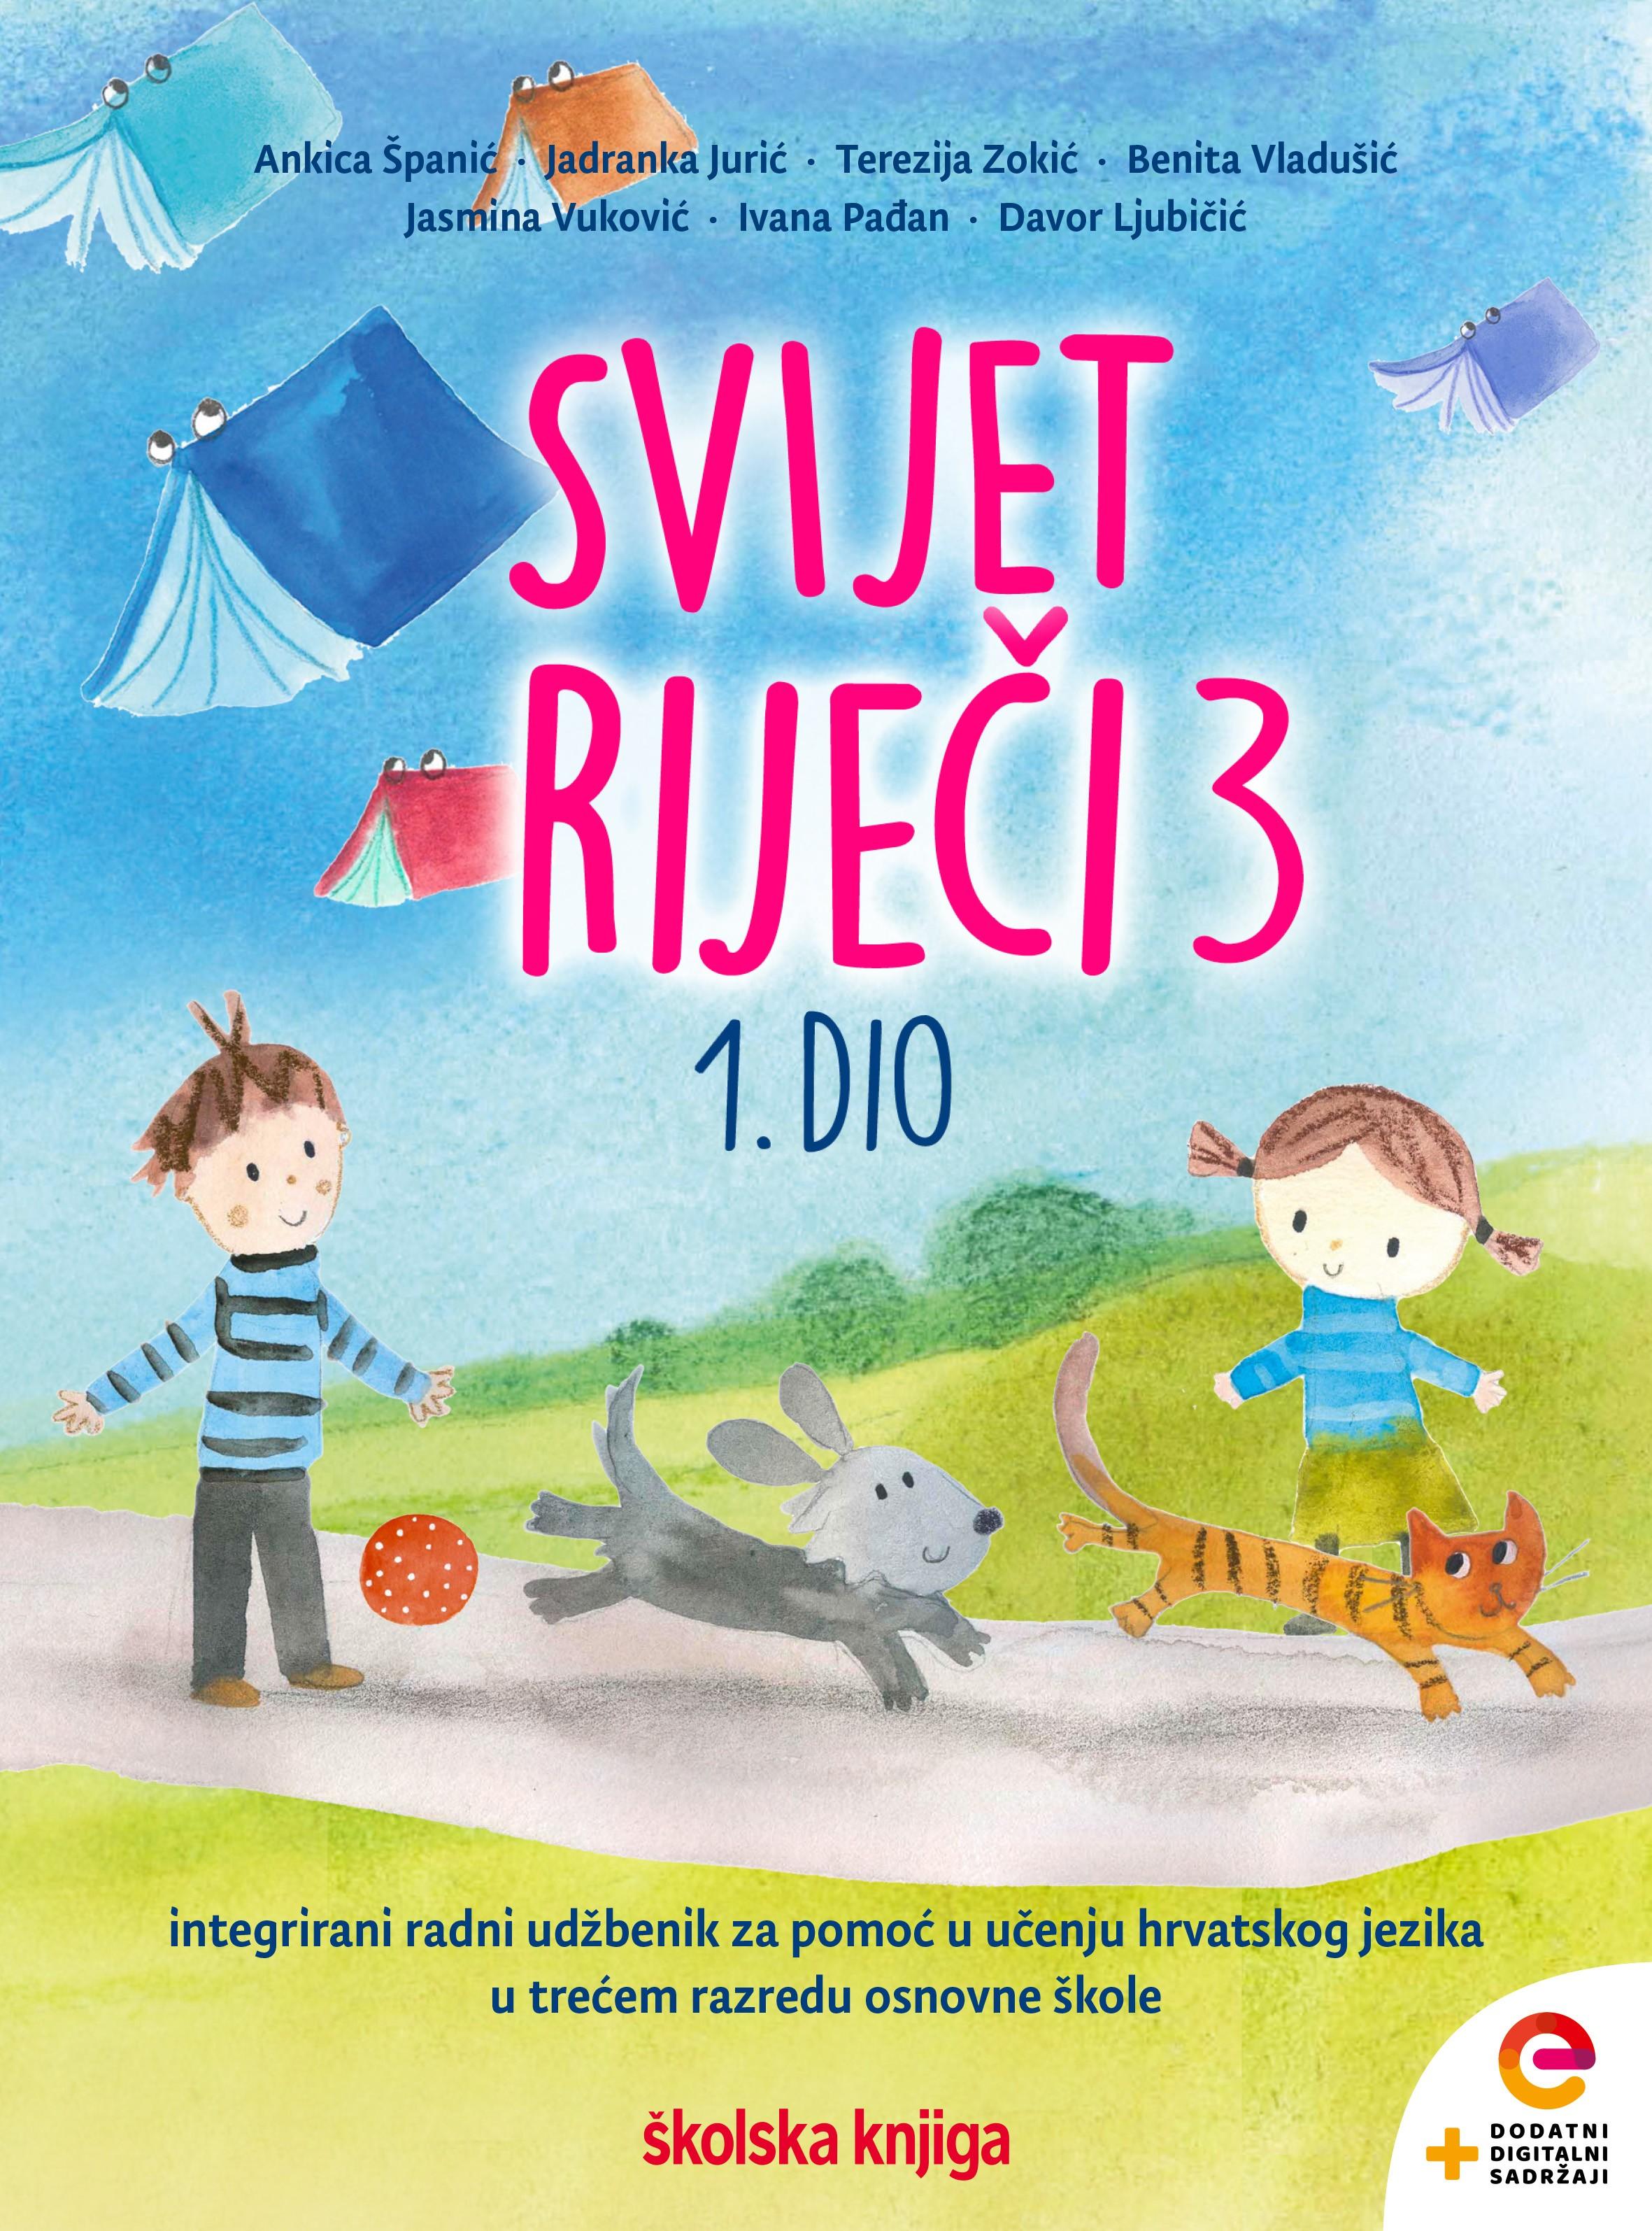 SVIJET RIJEČI 3 - integrirani radni udžbenik za pomoć u učenju hrvatskog jezika u trećem razredu osnovne škole - KOMPLET